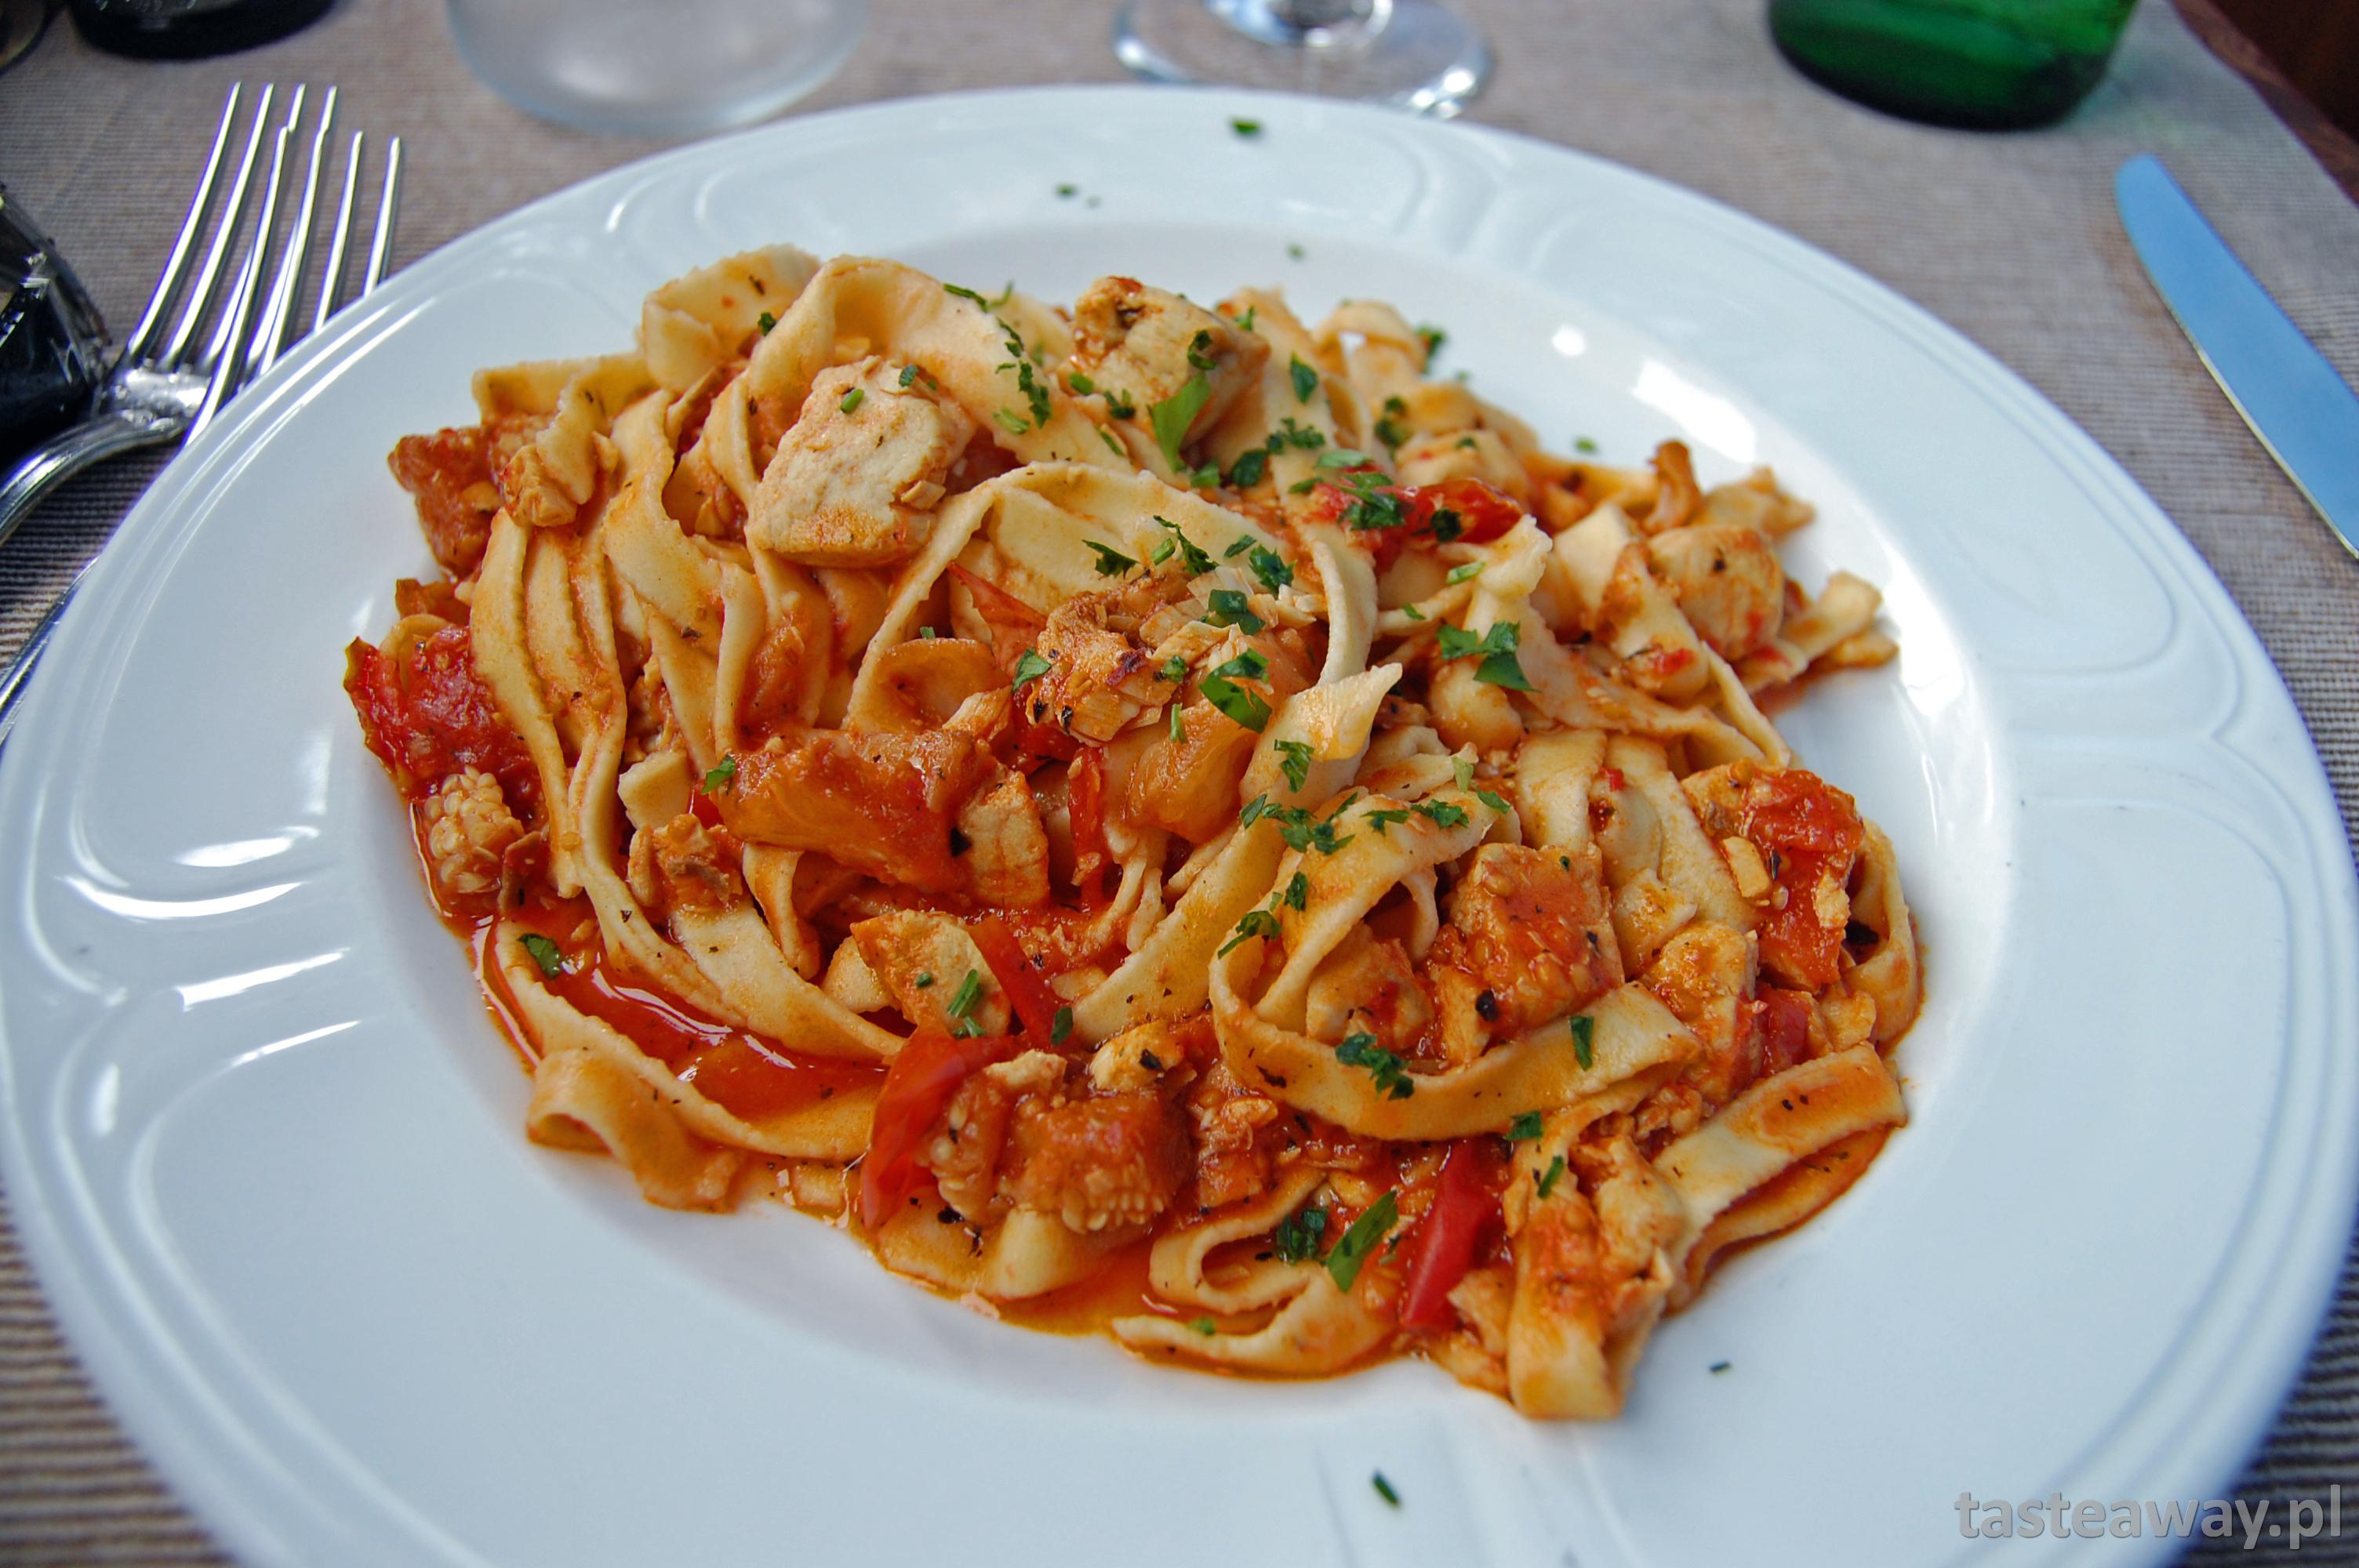 Cefalu, Włochy, co zobaczyć we Włoszech, najpiękniejsze miejsca we Włoszech, kuchnia włoska